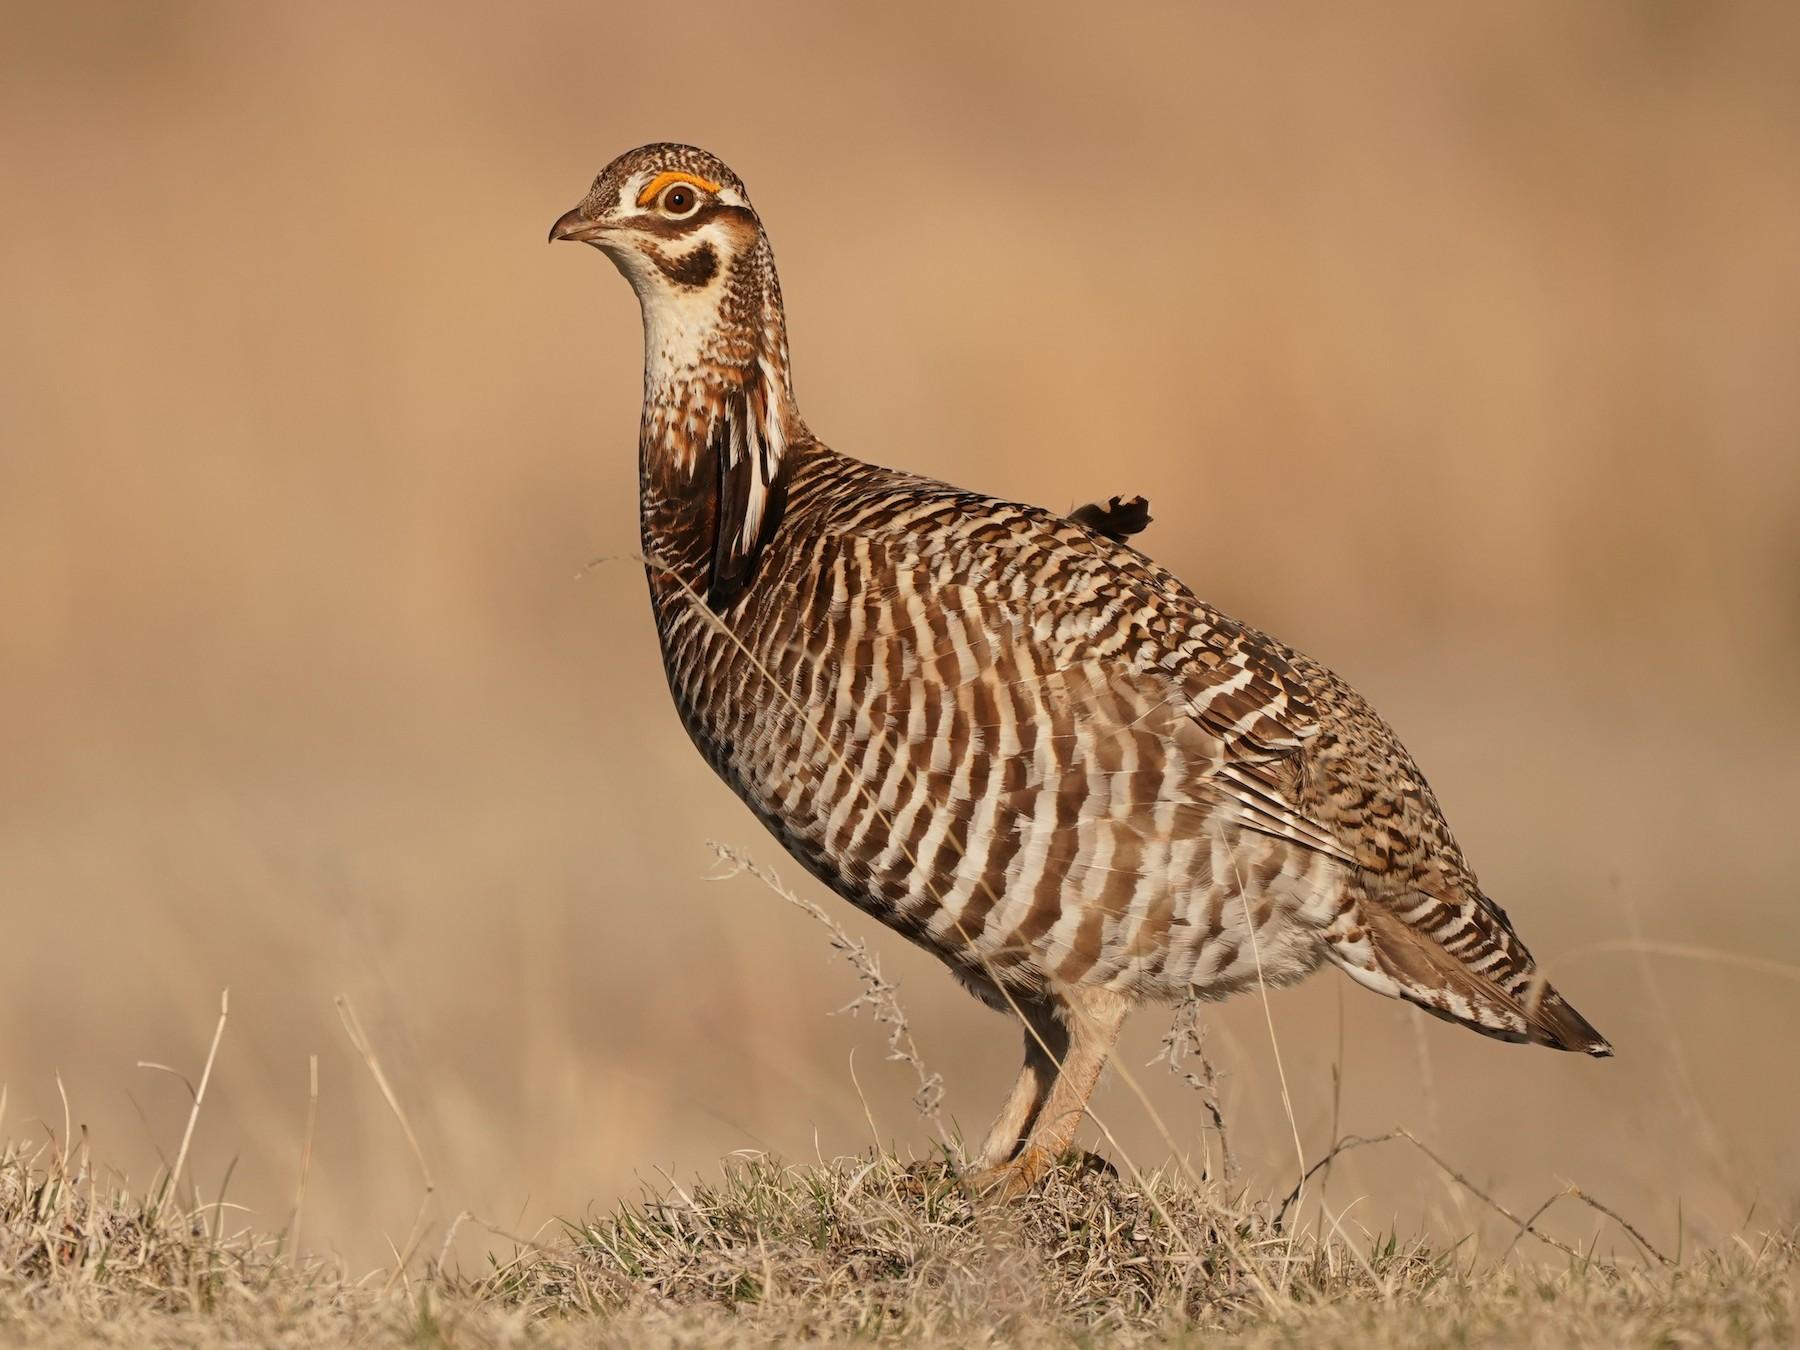 Greater Prairie-Chicken - Christian Hagenlocher